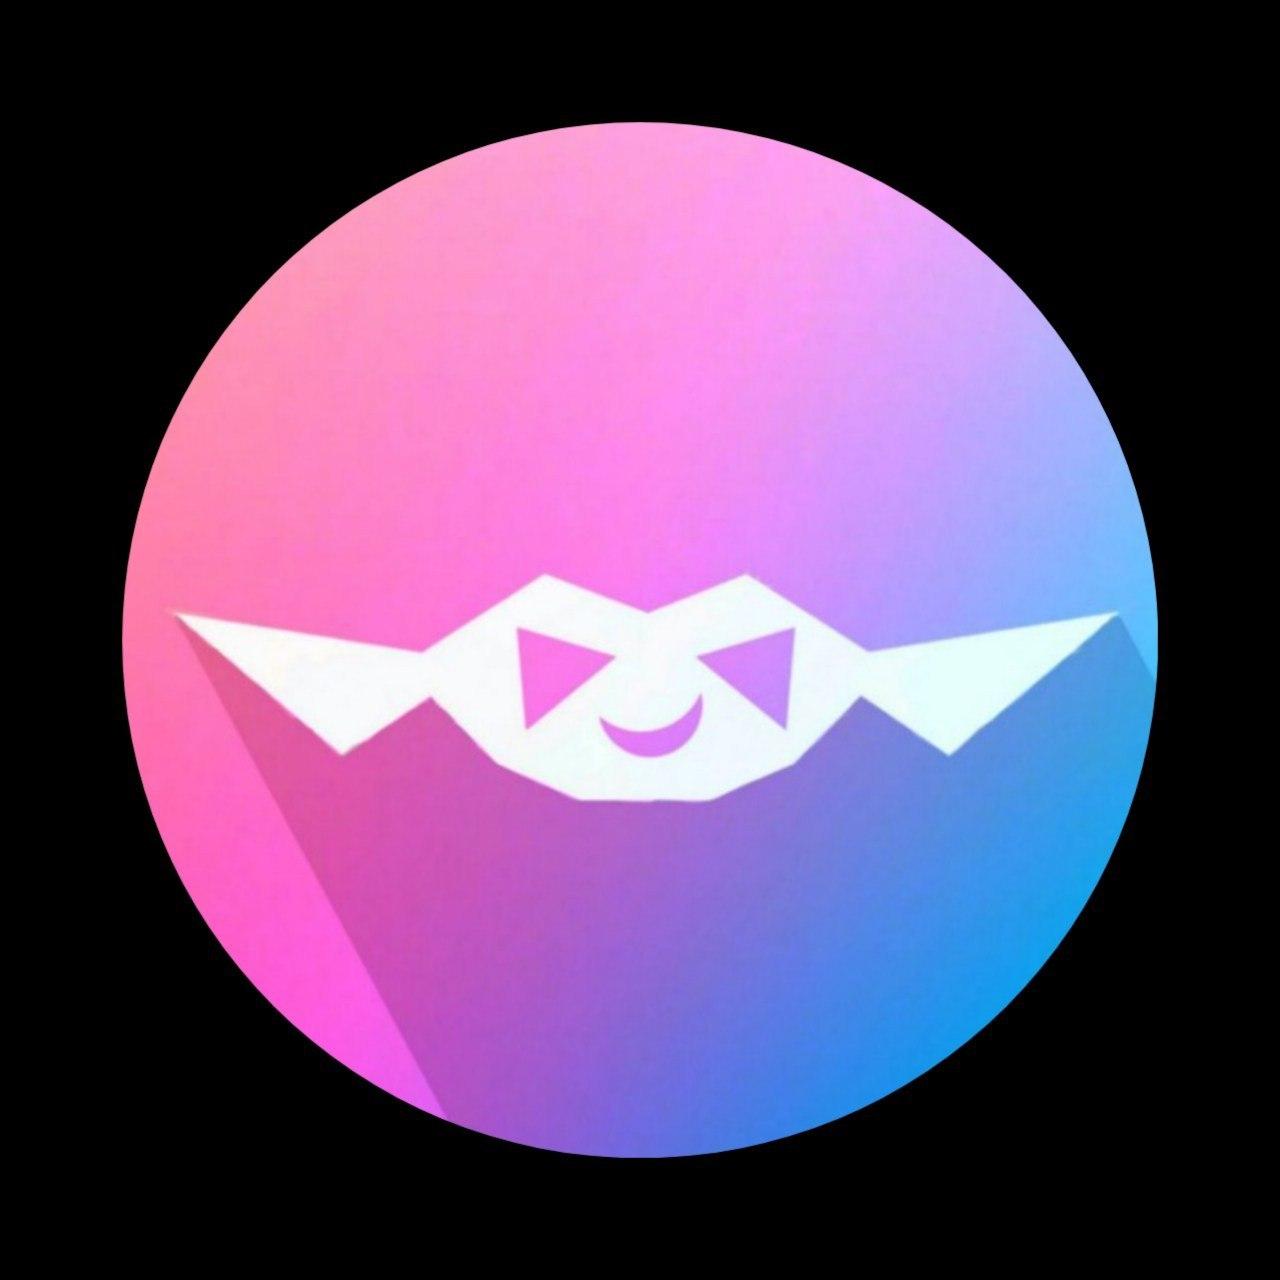 Redmi 4/4X (Santoni) Updates – Telegram